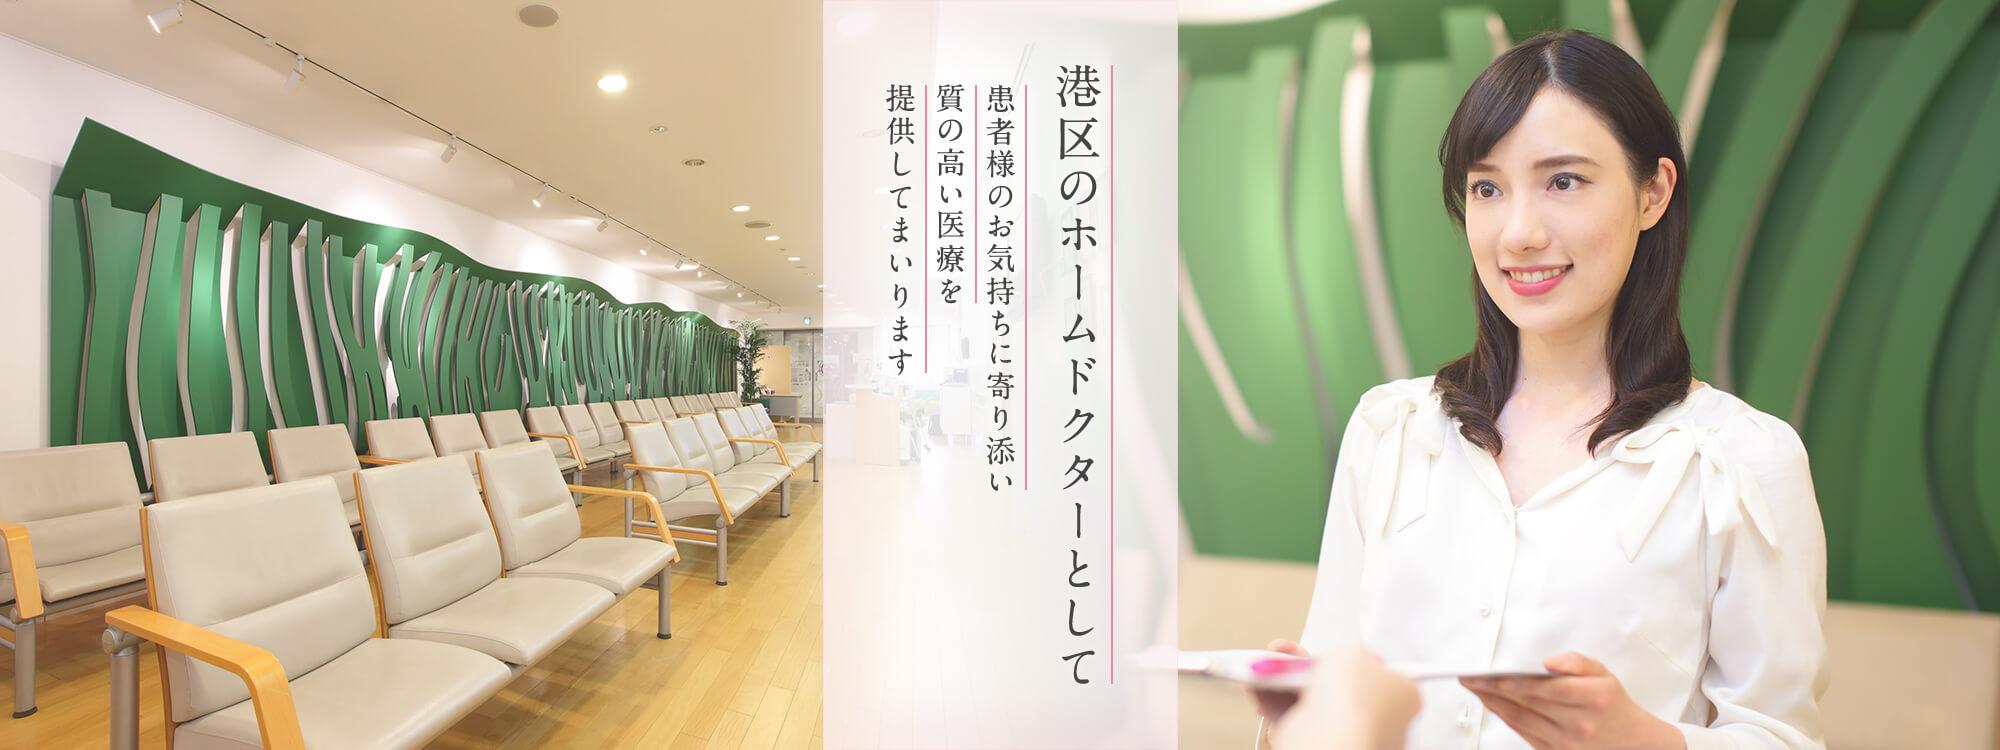 港区のホームドクターとして患者様のお気持ちに寄り添い質の高い医療を提供してまいります。